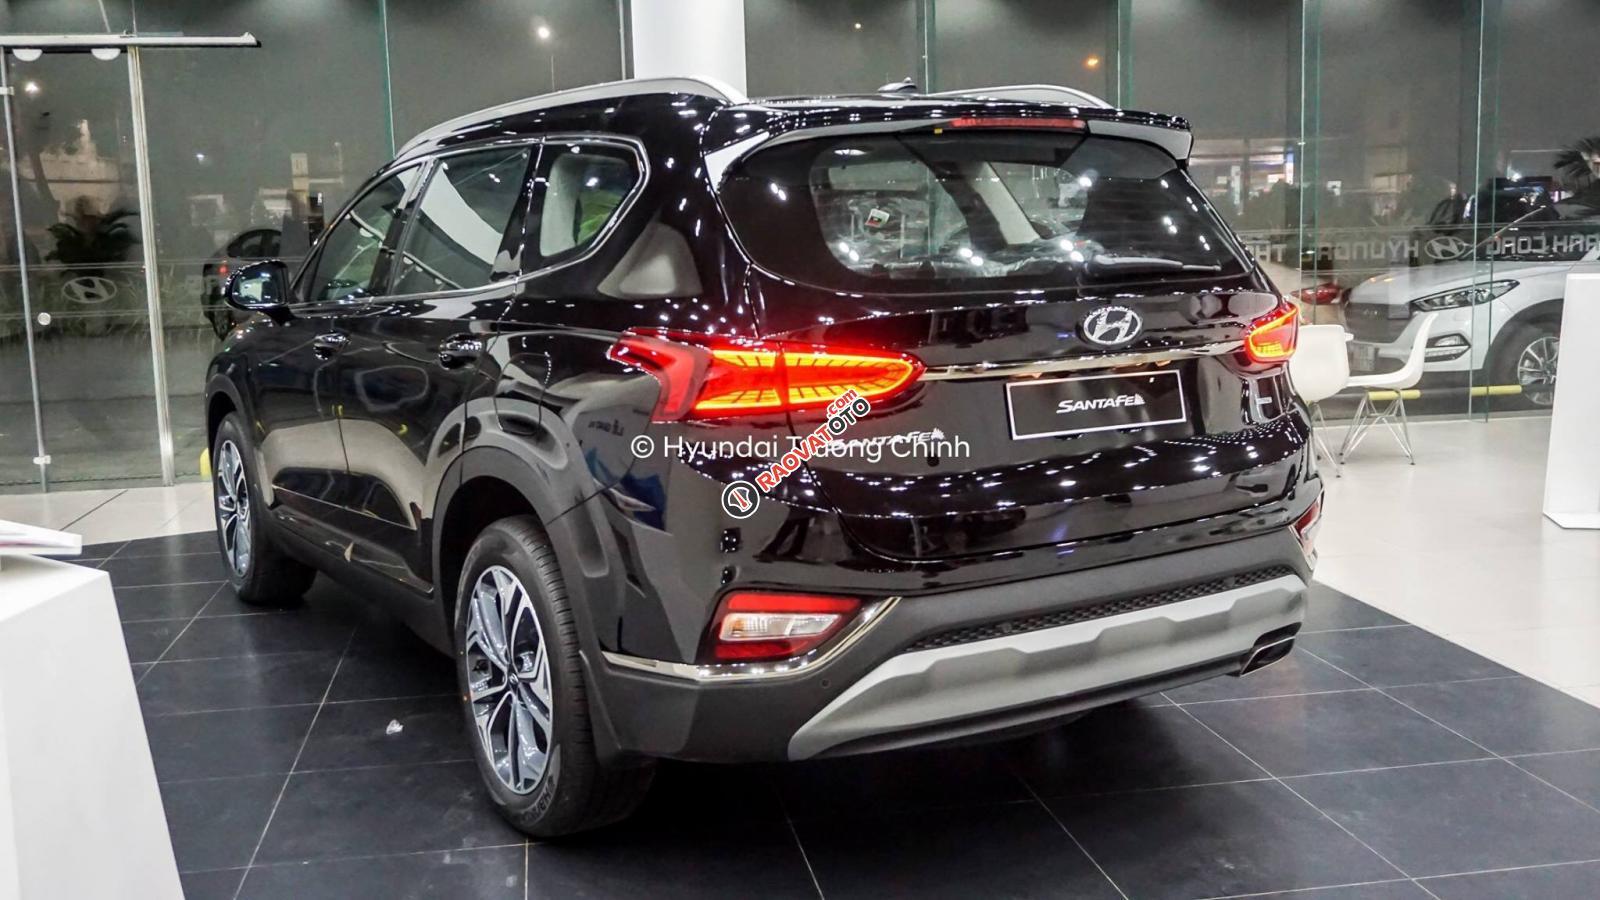 Bán xe Hyundai Santa Fe 2019, màu đen. Xe giao ngay-11